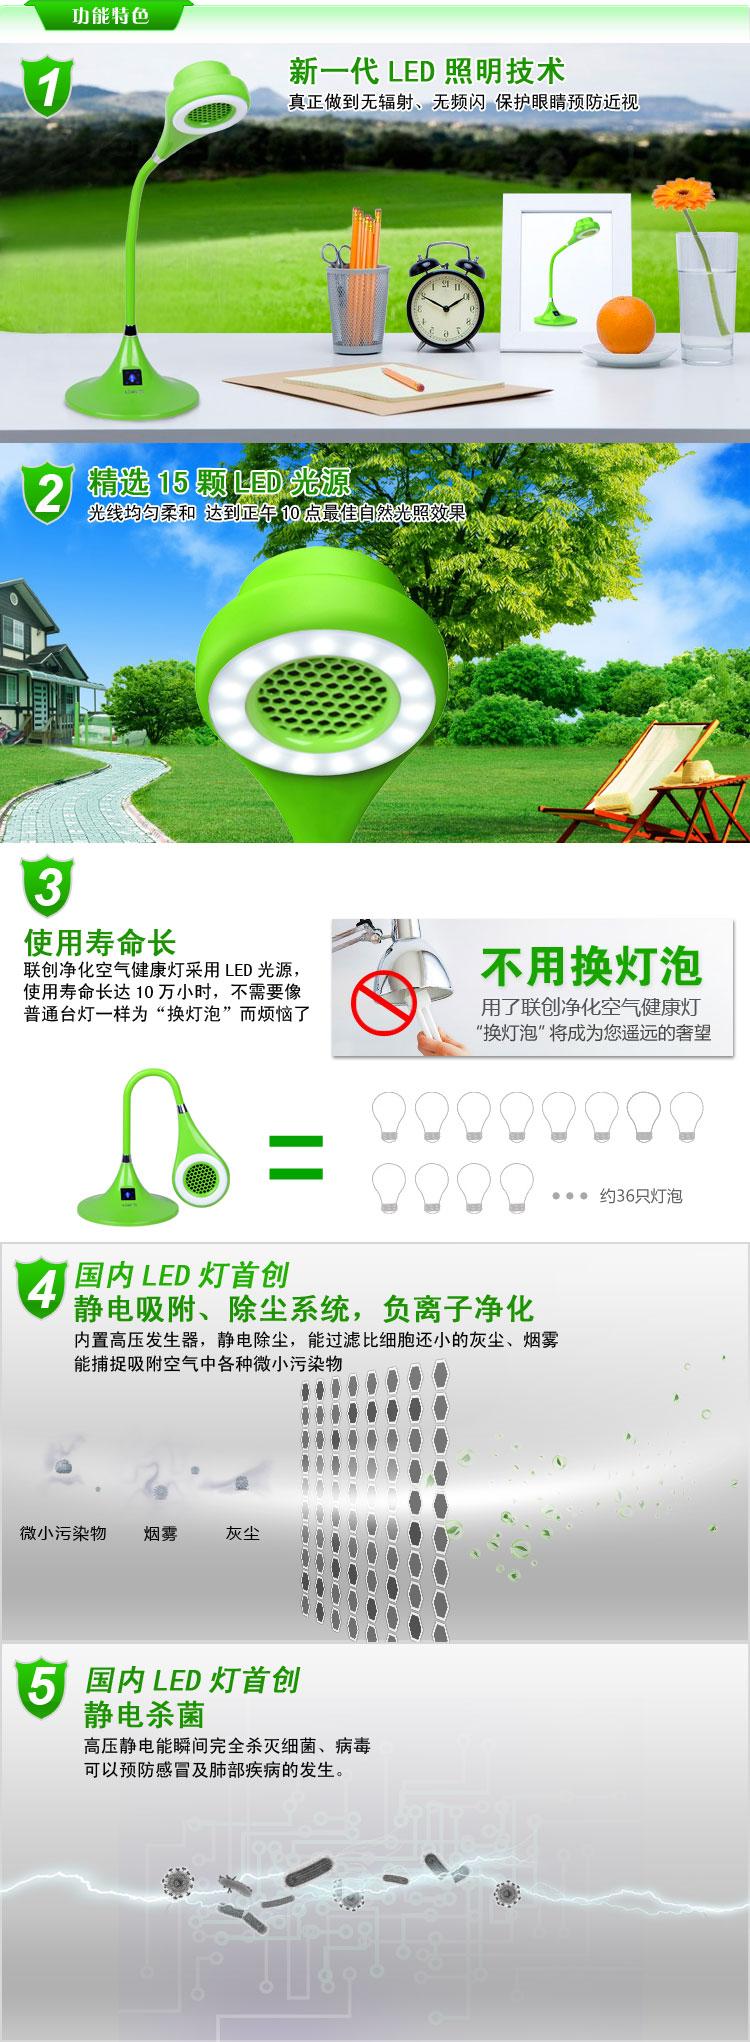 联创空气净化健康灯DF-LP003详细介绍